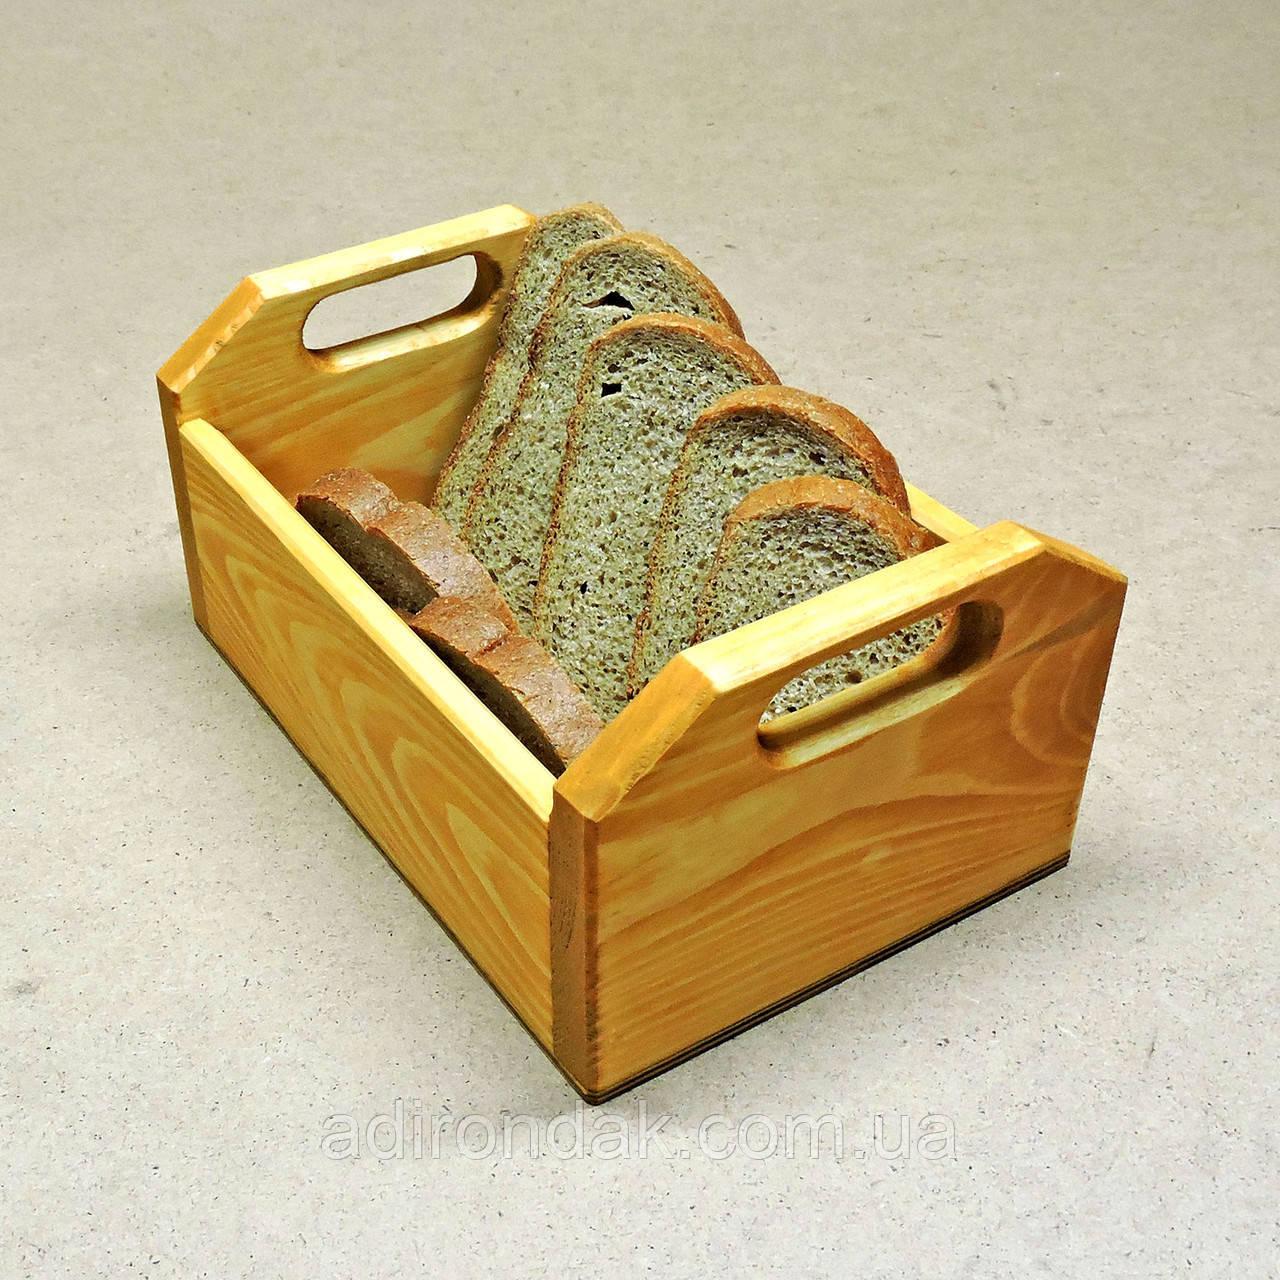 """Хлебный лоток """"Карри"""", хлебница"""